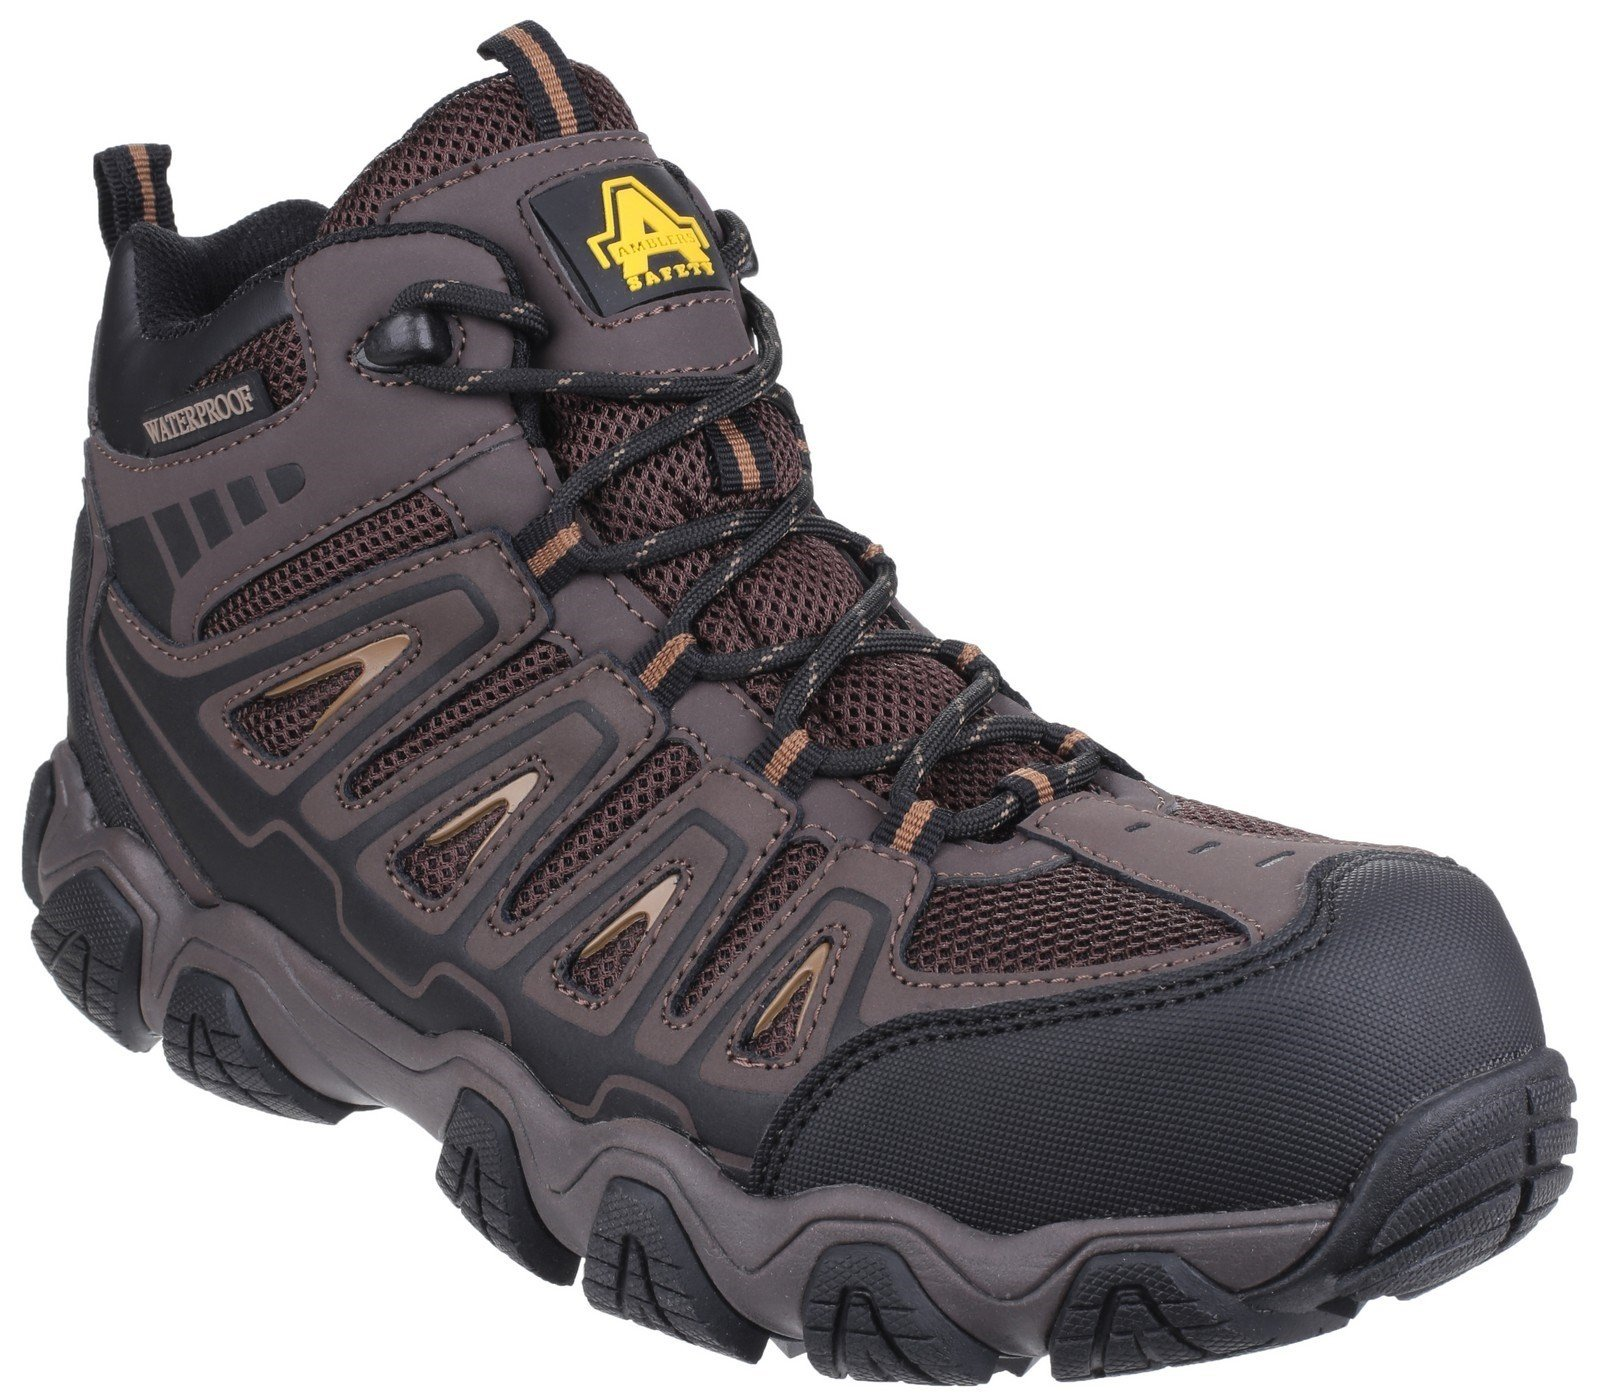 Amblers Unisex Safety Waterproof Non-Metal Hiker Boot Brown 24341 - Brown 9